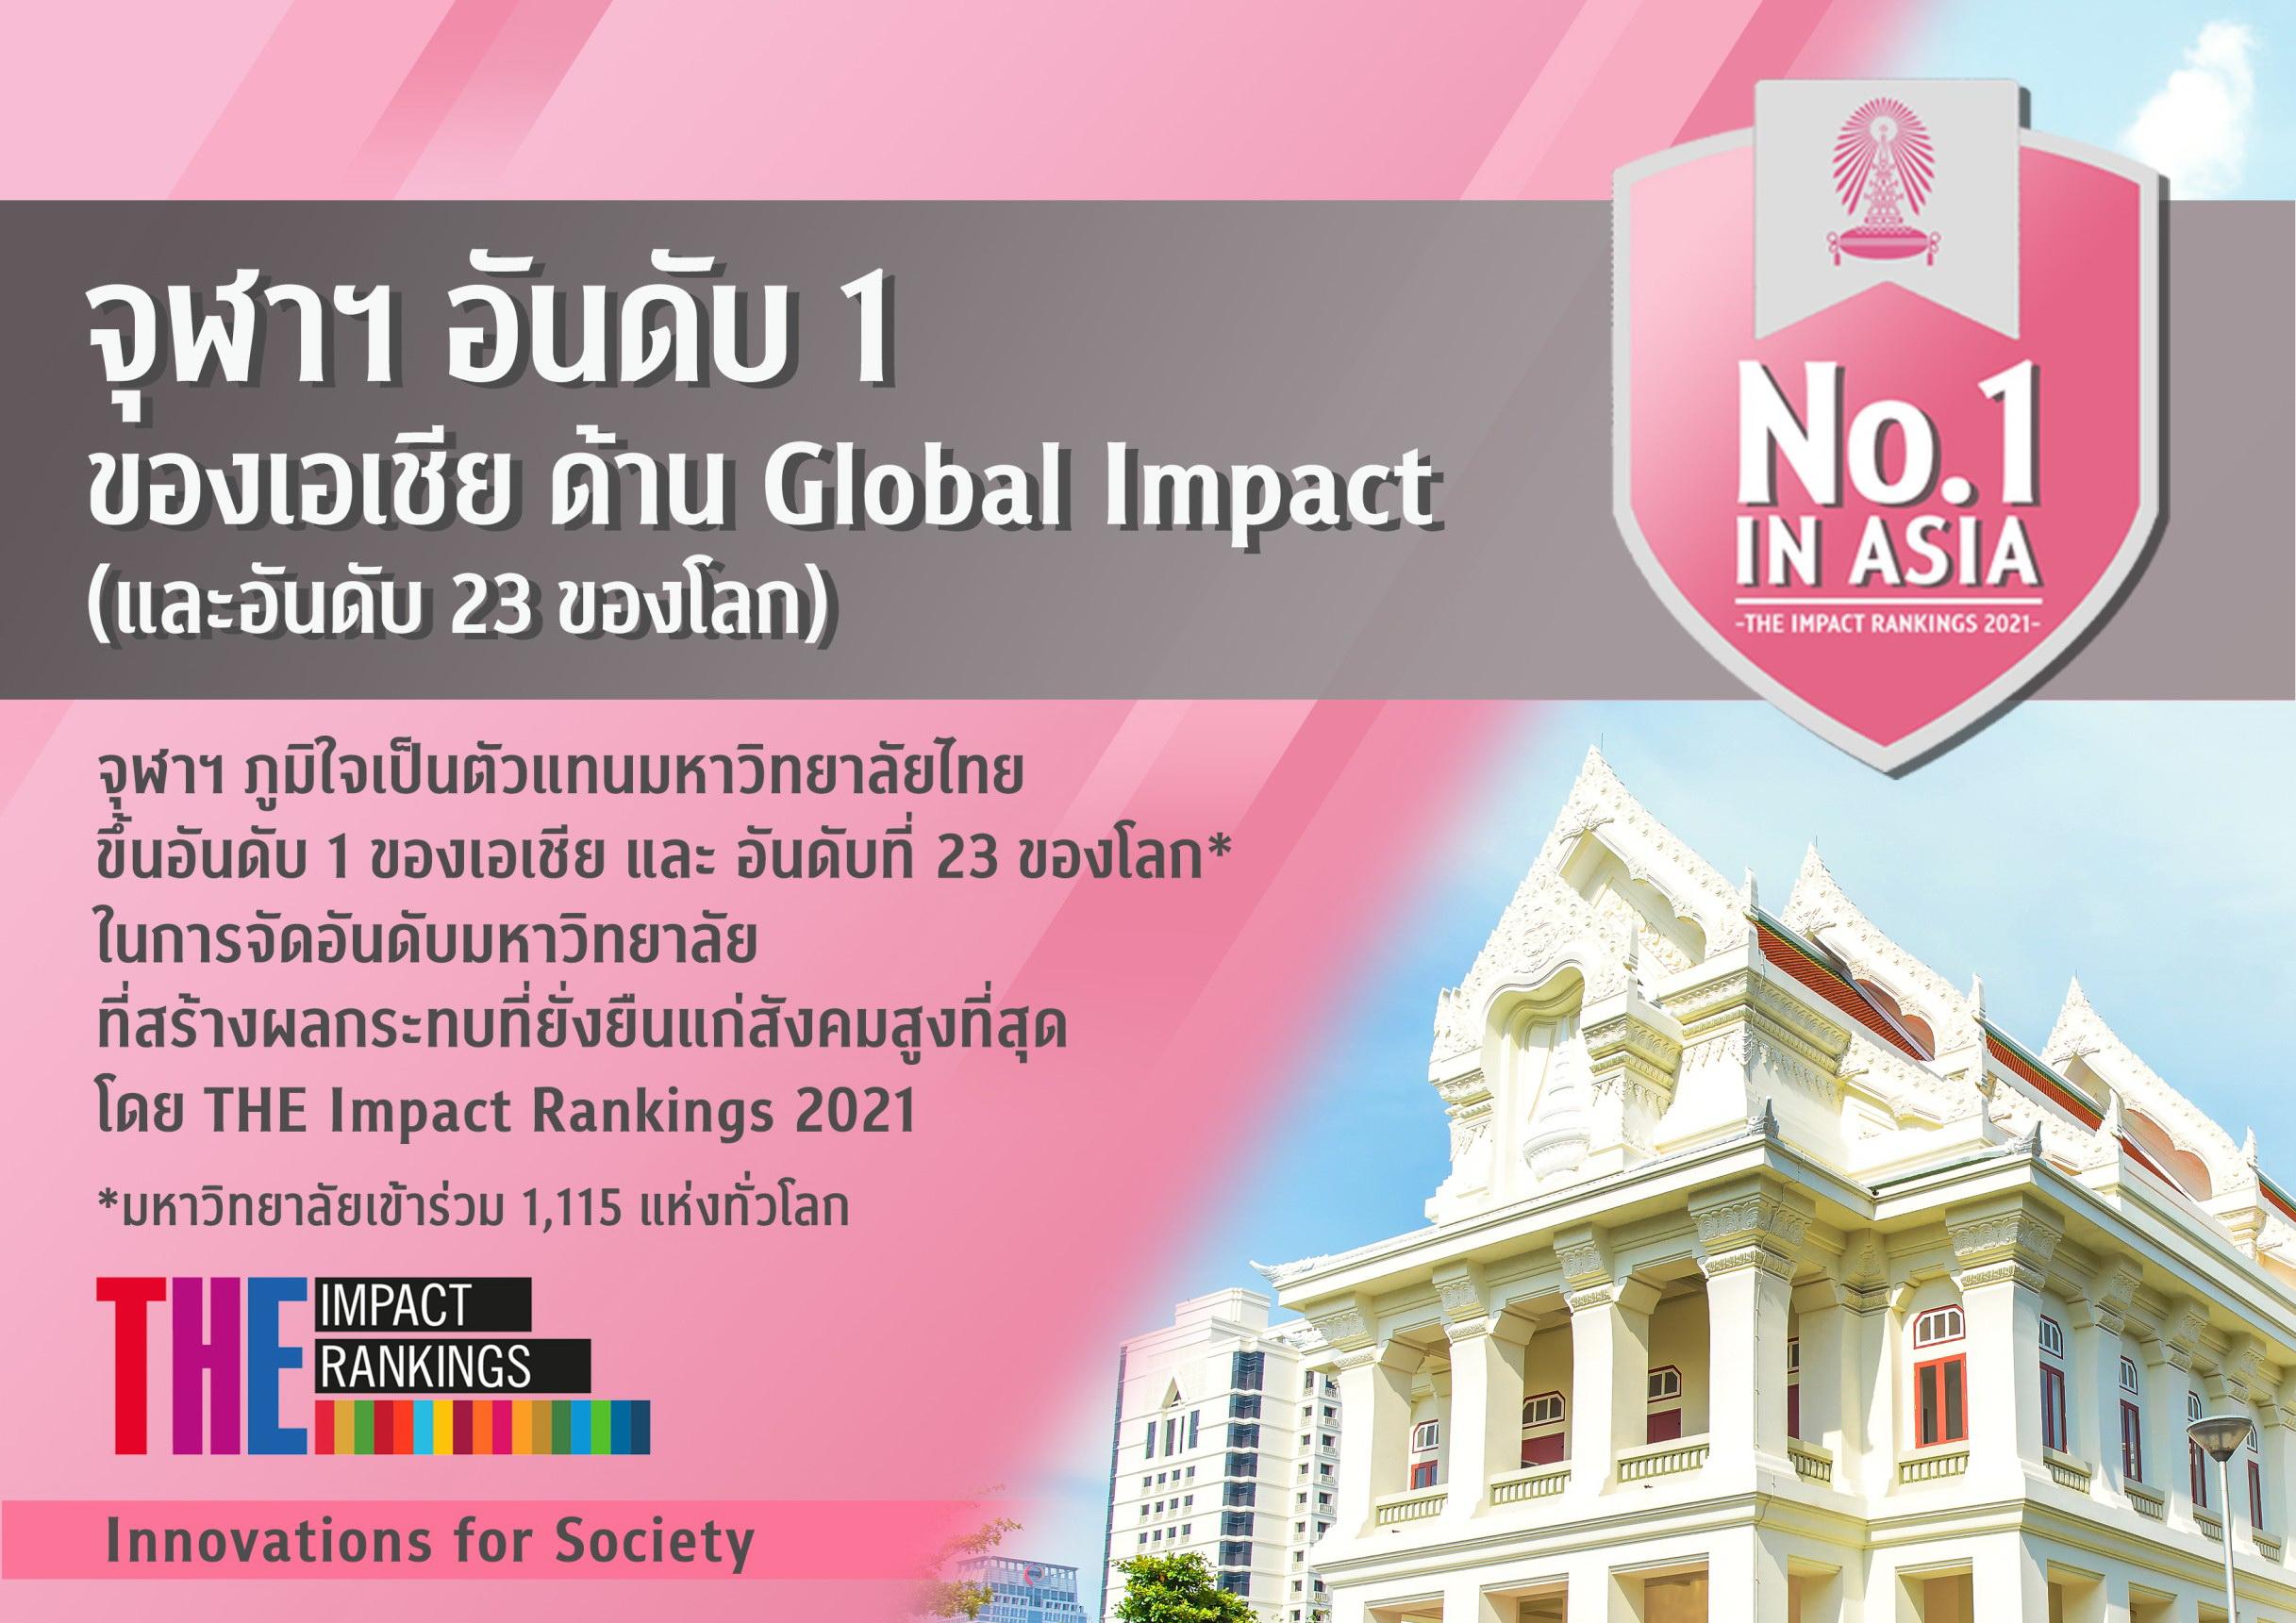 """จุฬาฯ ผงาดอันดับ 1 ในเอเชีย อันดับ 23 ของโลก ครอง """"มหาวิทยาลัยแห่งความยั่งยืน"""""""